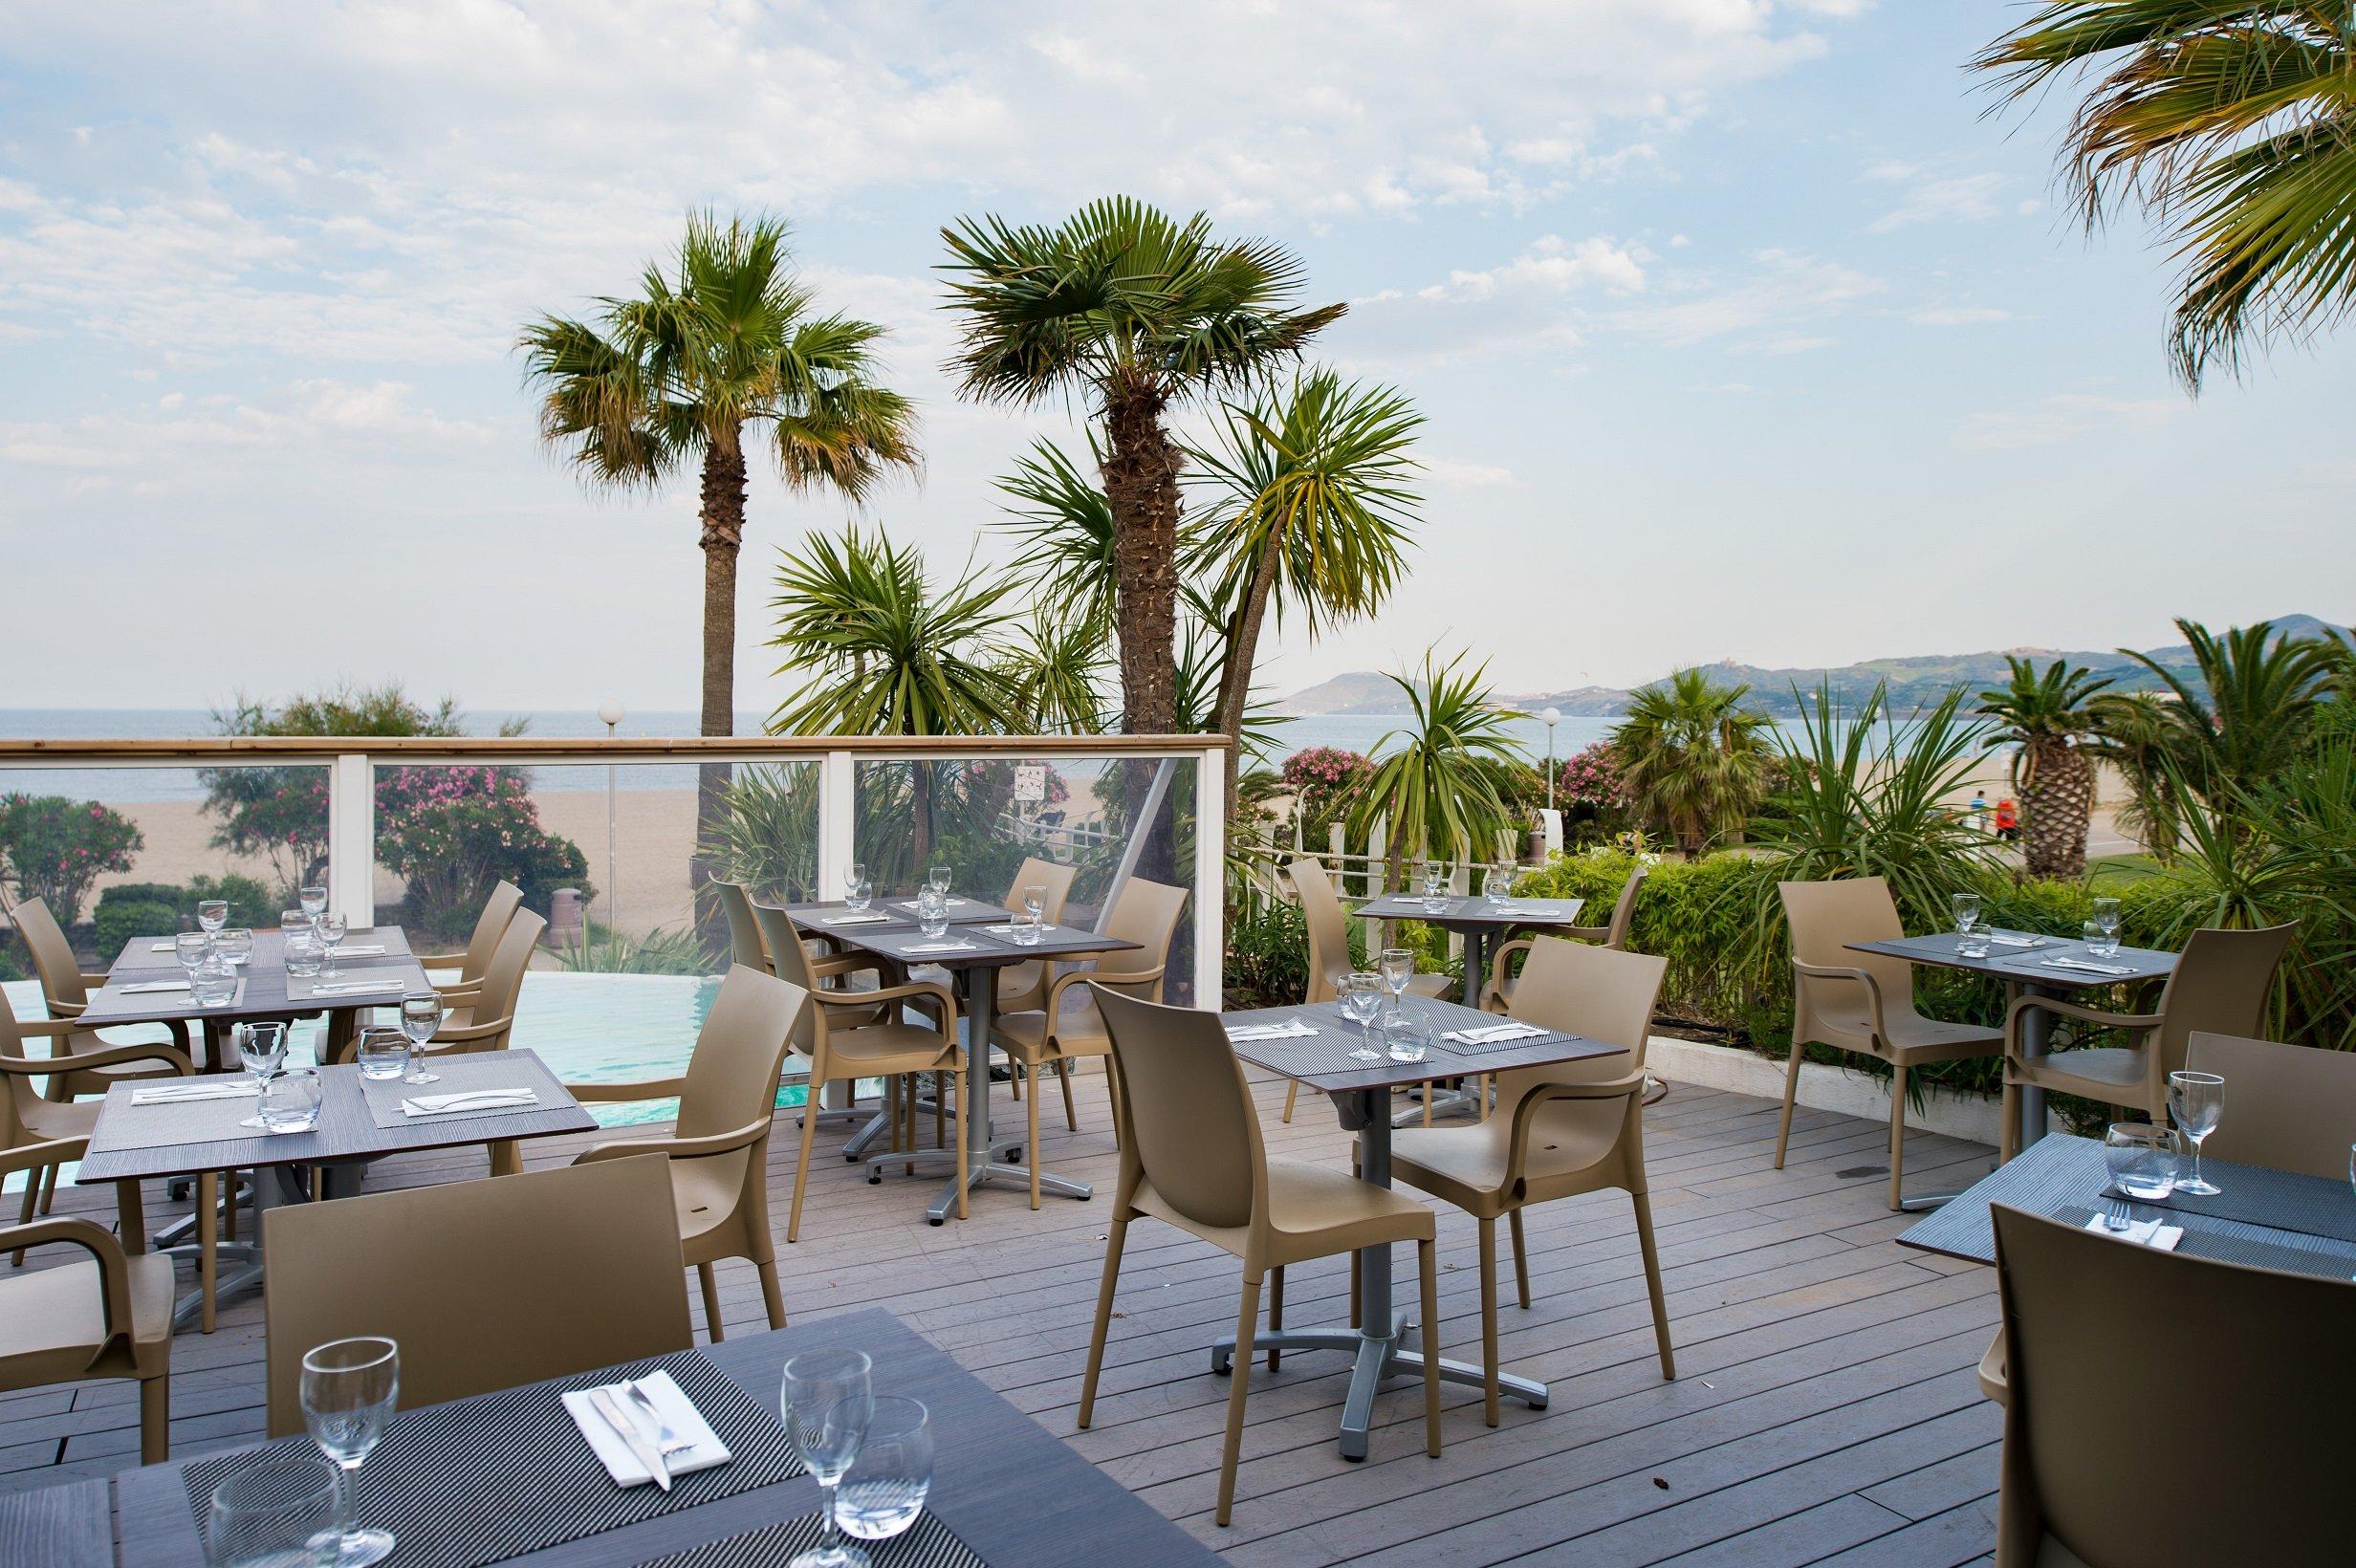 Voir tous les restaurants pr¨s de Les Mimosas  Argel¨s sur mer